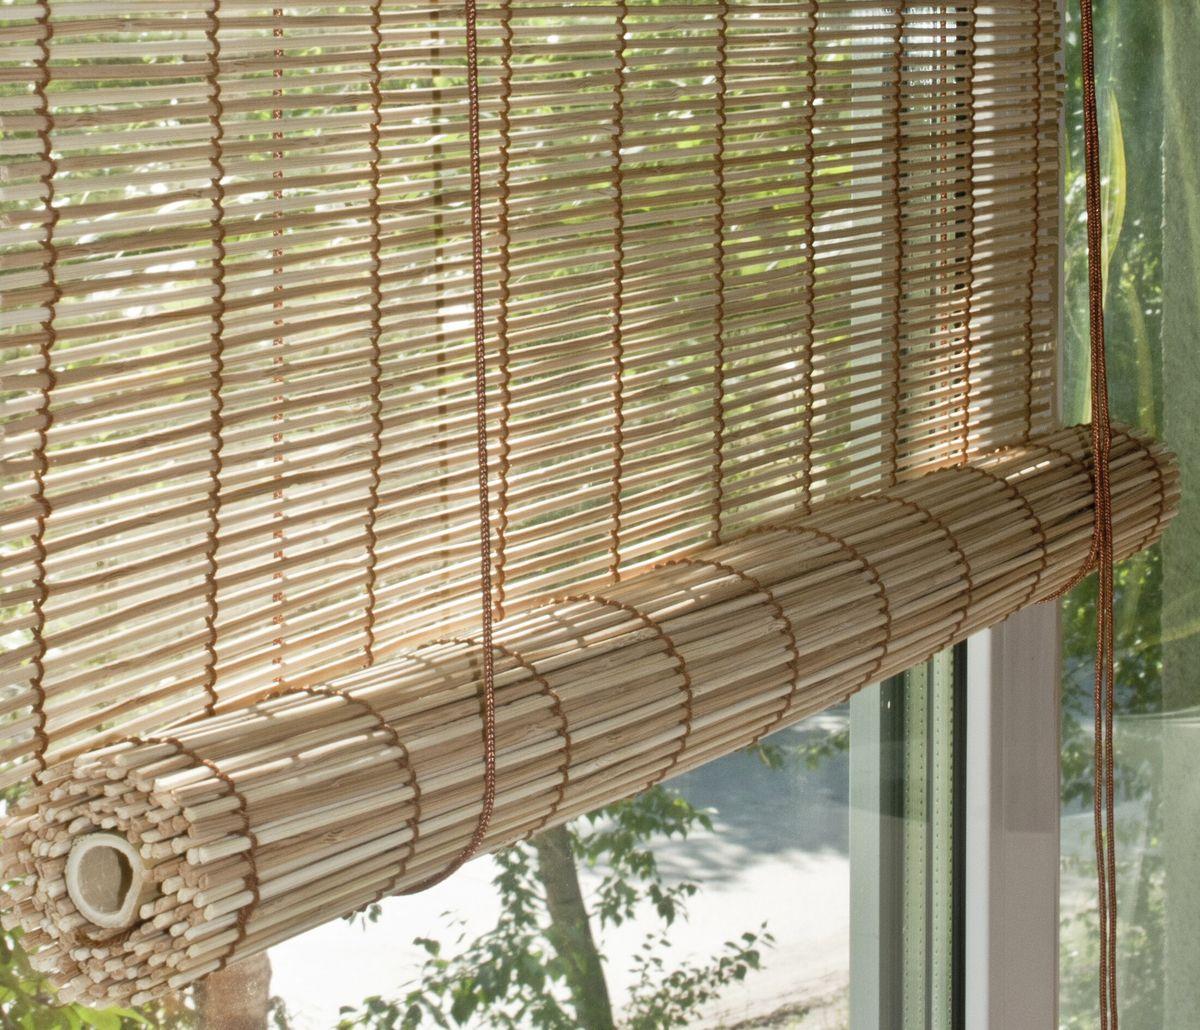 Штора рулонная Эскар Бамбук, цвет: натуральный микс, ширина 100 см, высота 160 см804946060160При оформлении интерьера современных помещений многие отдают предпочтение природным материалам. Бамбуковые рулонные шторы - одно из натуральных изделий, способное сделать атмосферу помещения более уютной и в то же время необычной. Свойства бамбука уникальны: он экологически чист, так как быстро вырастает, благодаря чему не успевает накопить вредные вещества из окружающей среды. Кроме того, растение обладает противомикробным и антибактериальным действием. Занавеси из бамбука безопасно использовать в помещениях, где находятся новорожденные дети и люди, склонные к аллергии. Они незаменимы для тех, кто заботится о своем здоровье и уделяет внимание высокому уровню жизни.Бамбуковые рулонные шторы представляют собой полотно, состоящее из тонких бамбуковых стеблей и сворачиваемое в рулон.Римские бамбуковые шторы, как и тканевые римские шторы, при поднятии образуют крупные складки, которые прекрасно декорируют окно.Особенность устройства полотна позволяет свободно пропускать дневной свет, что обеспечивает мягкое освещение комнаты. Это натуральный влагостойкий материал, который легко вписывается в любой интерьер, хорошо сочетается с различной мебелью и элементами отделки. Использование бамбукового полотна придает помещению необычный вид и визуально расширяет пространство.Помимо внешней красоты, это еще и очень удобные конструкции, экономящие пространство. Изготавливаются они из специальных материалов, устойчивых к внешним воздействиям. Сама штора очень эргономичная, и позволяет изменять визуально пространство в зависимости от потребностей владельца.